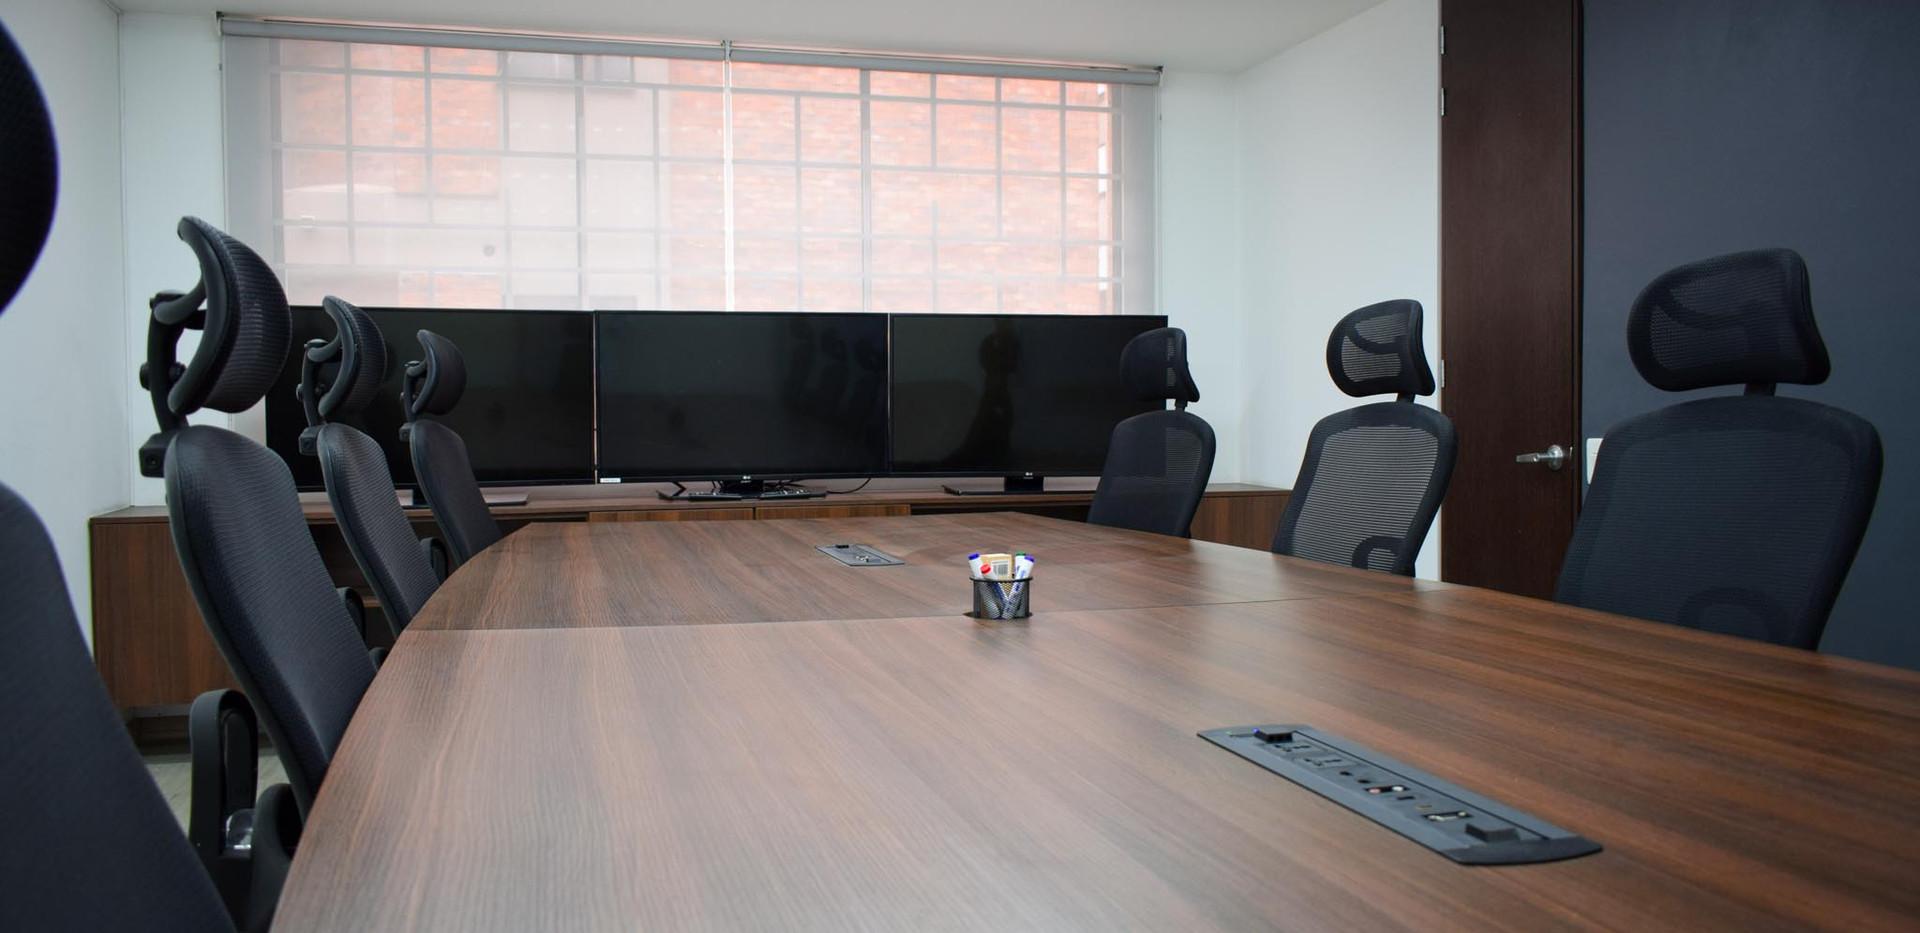 oficinas-de-coworking.jpg